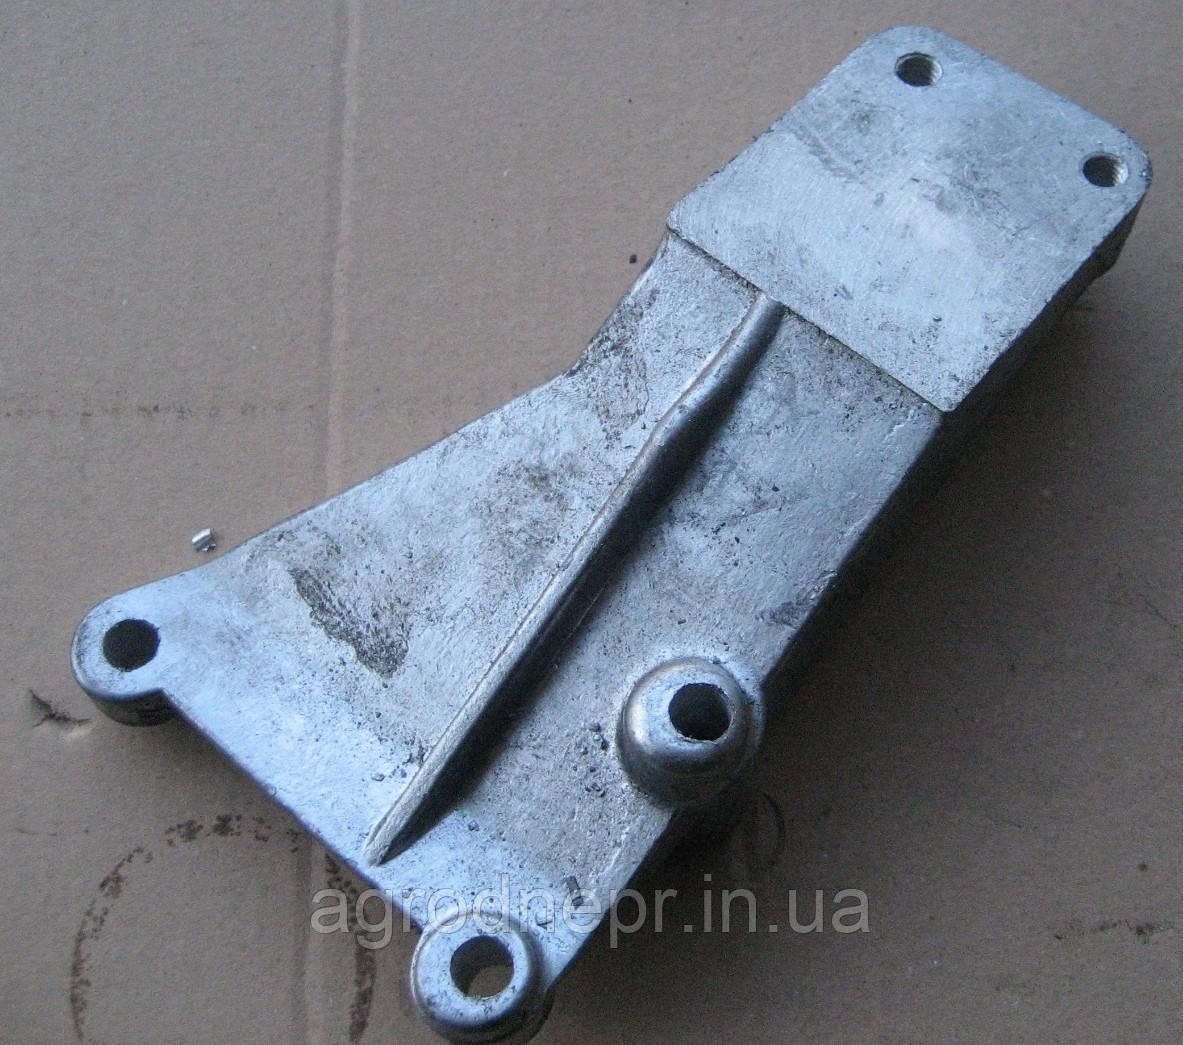 Кронштейн фильтра тонкой очистки топлива МТЗ 245-1117093